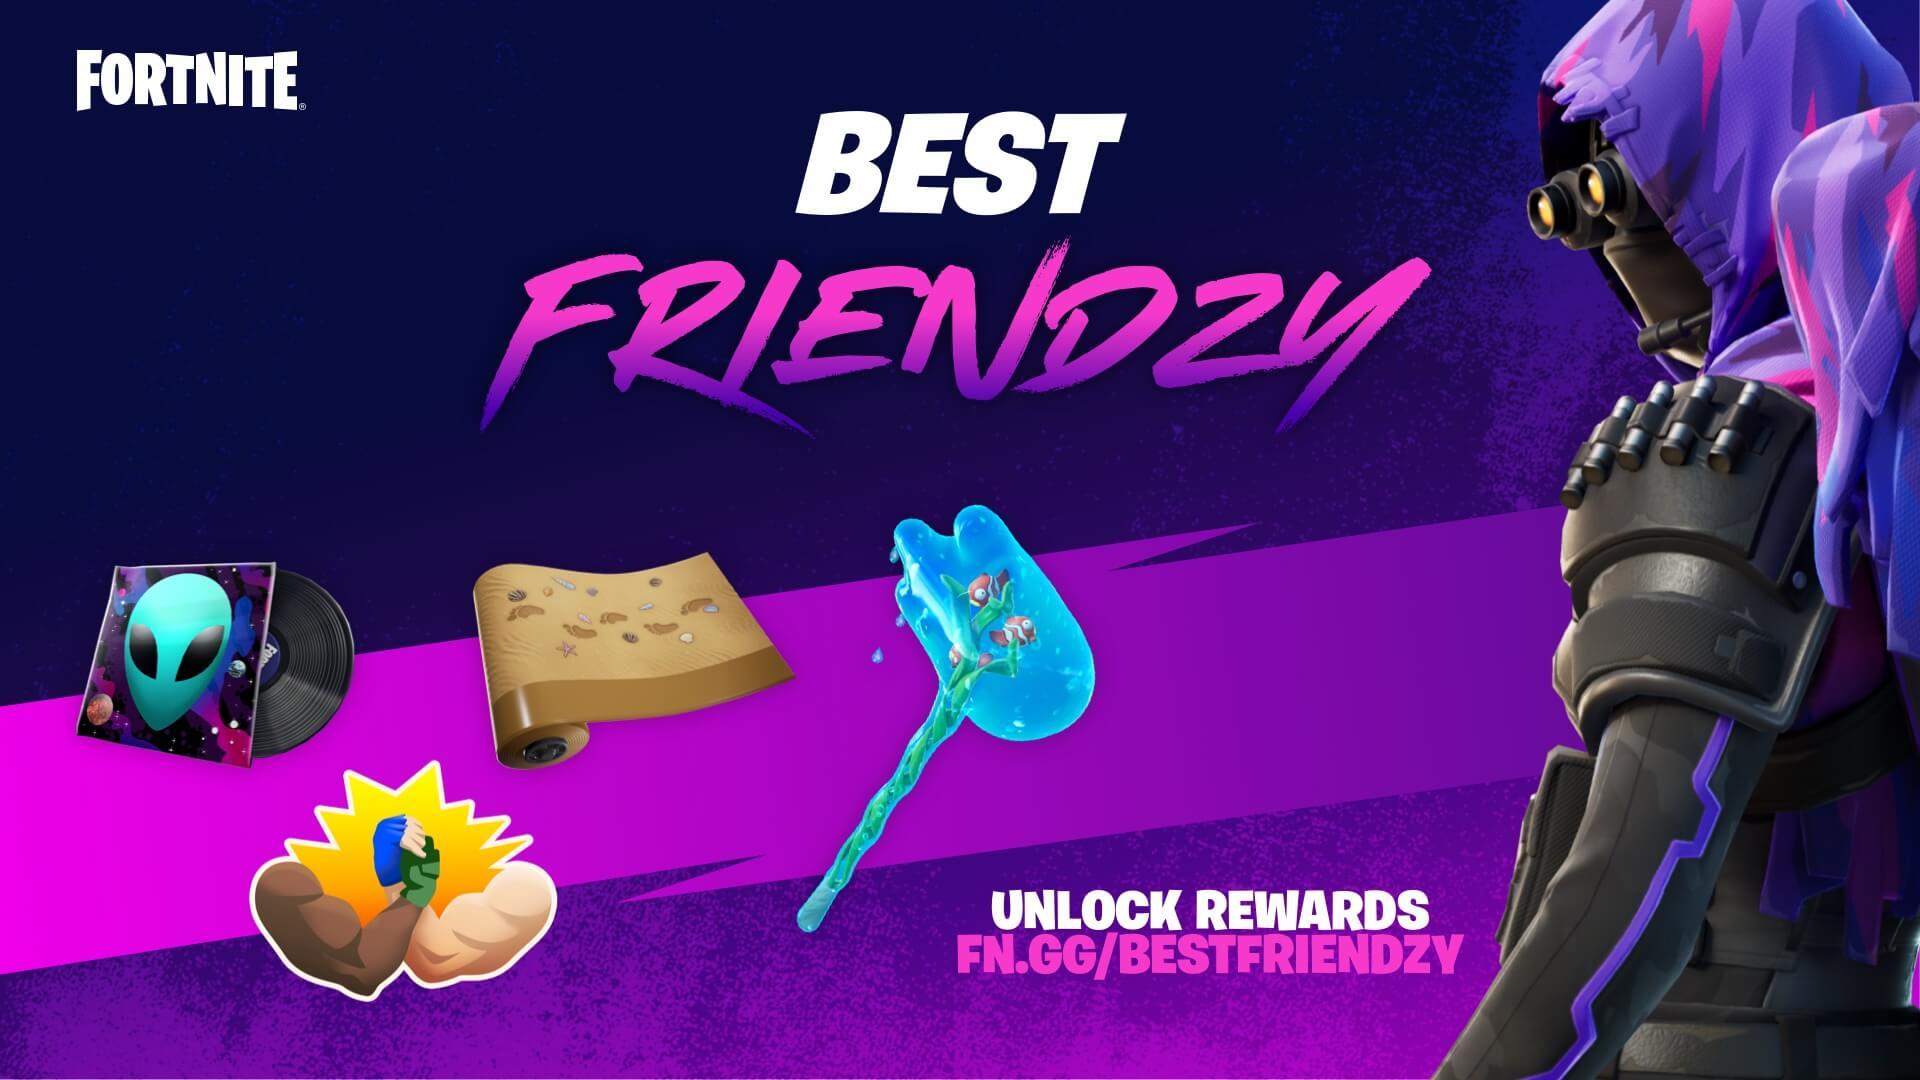 Награды Fortnite Best Friendzy